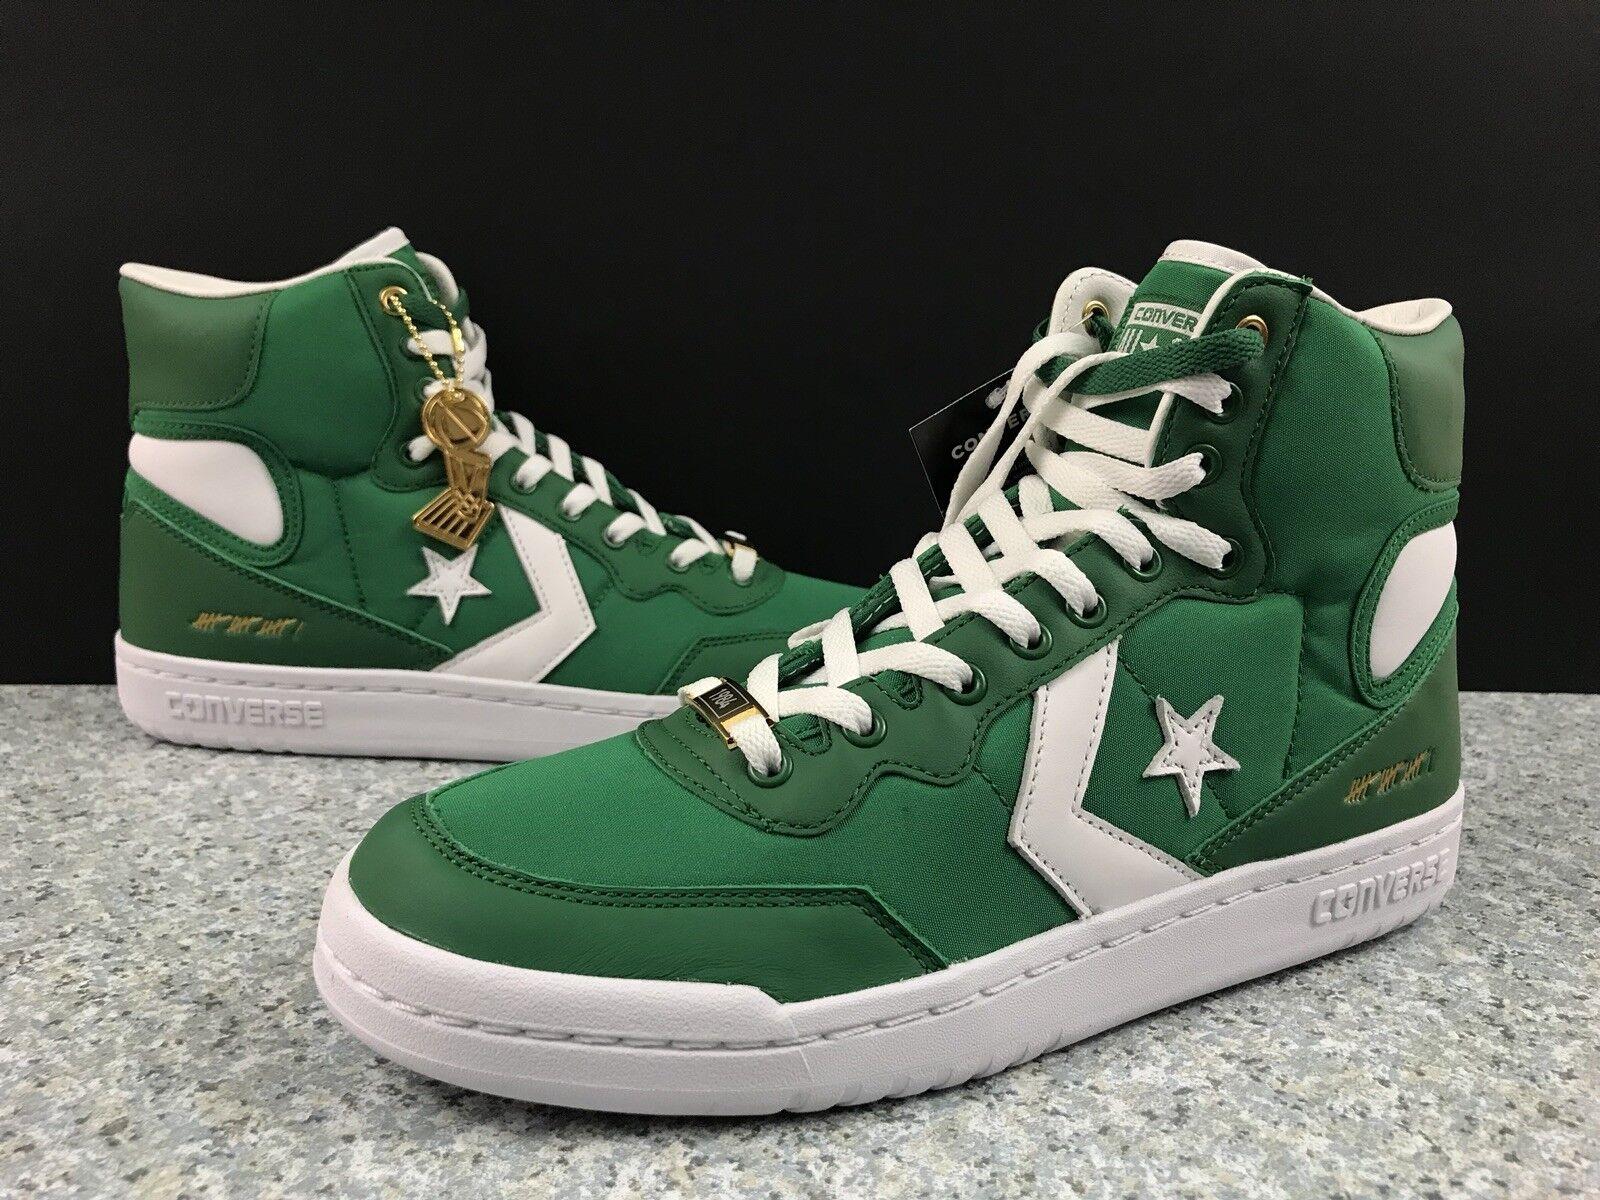 Converse Fastbreak Hi Verde Blanco Celtics NBA CT16 161327C de no cubetas de 161327C fácil a5a097